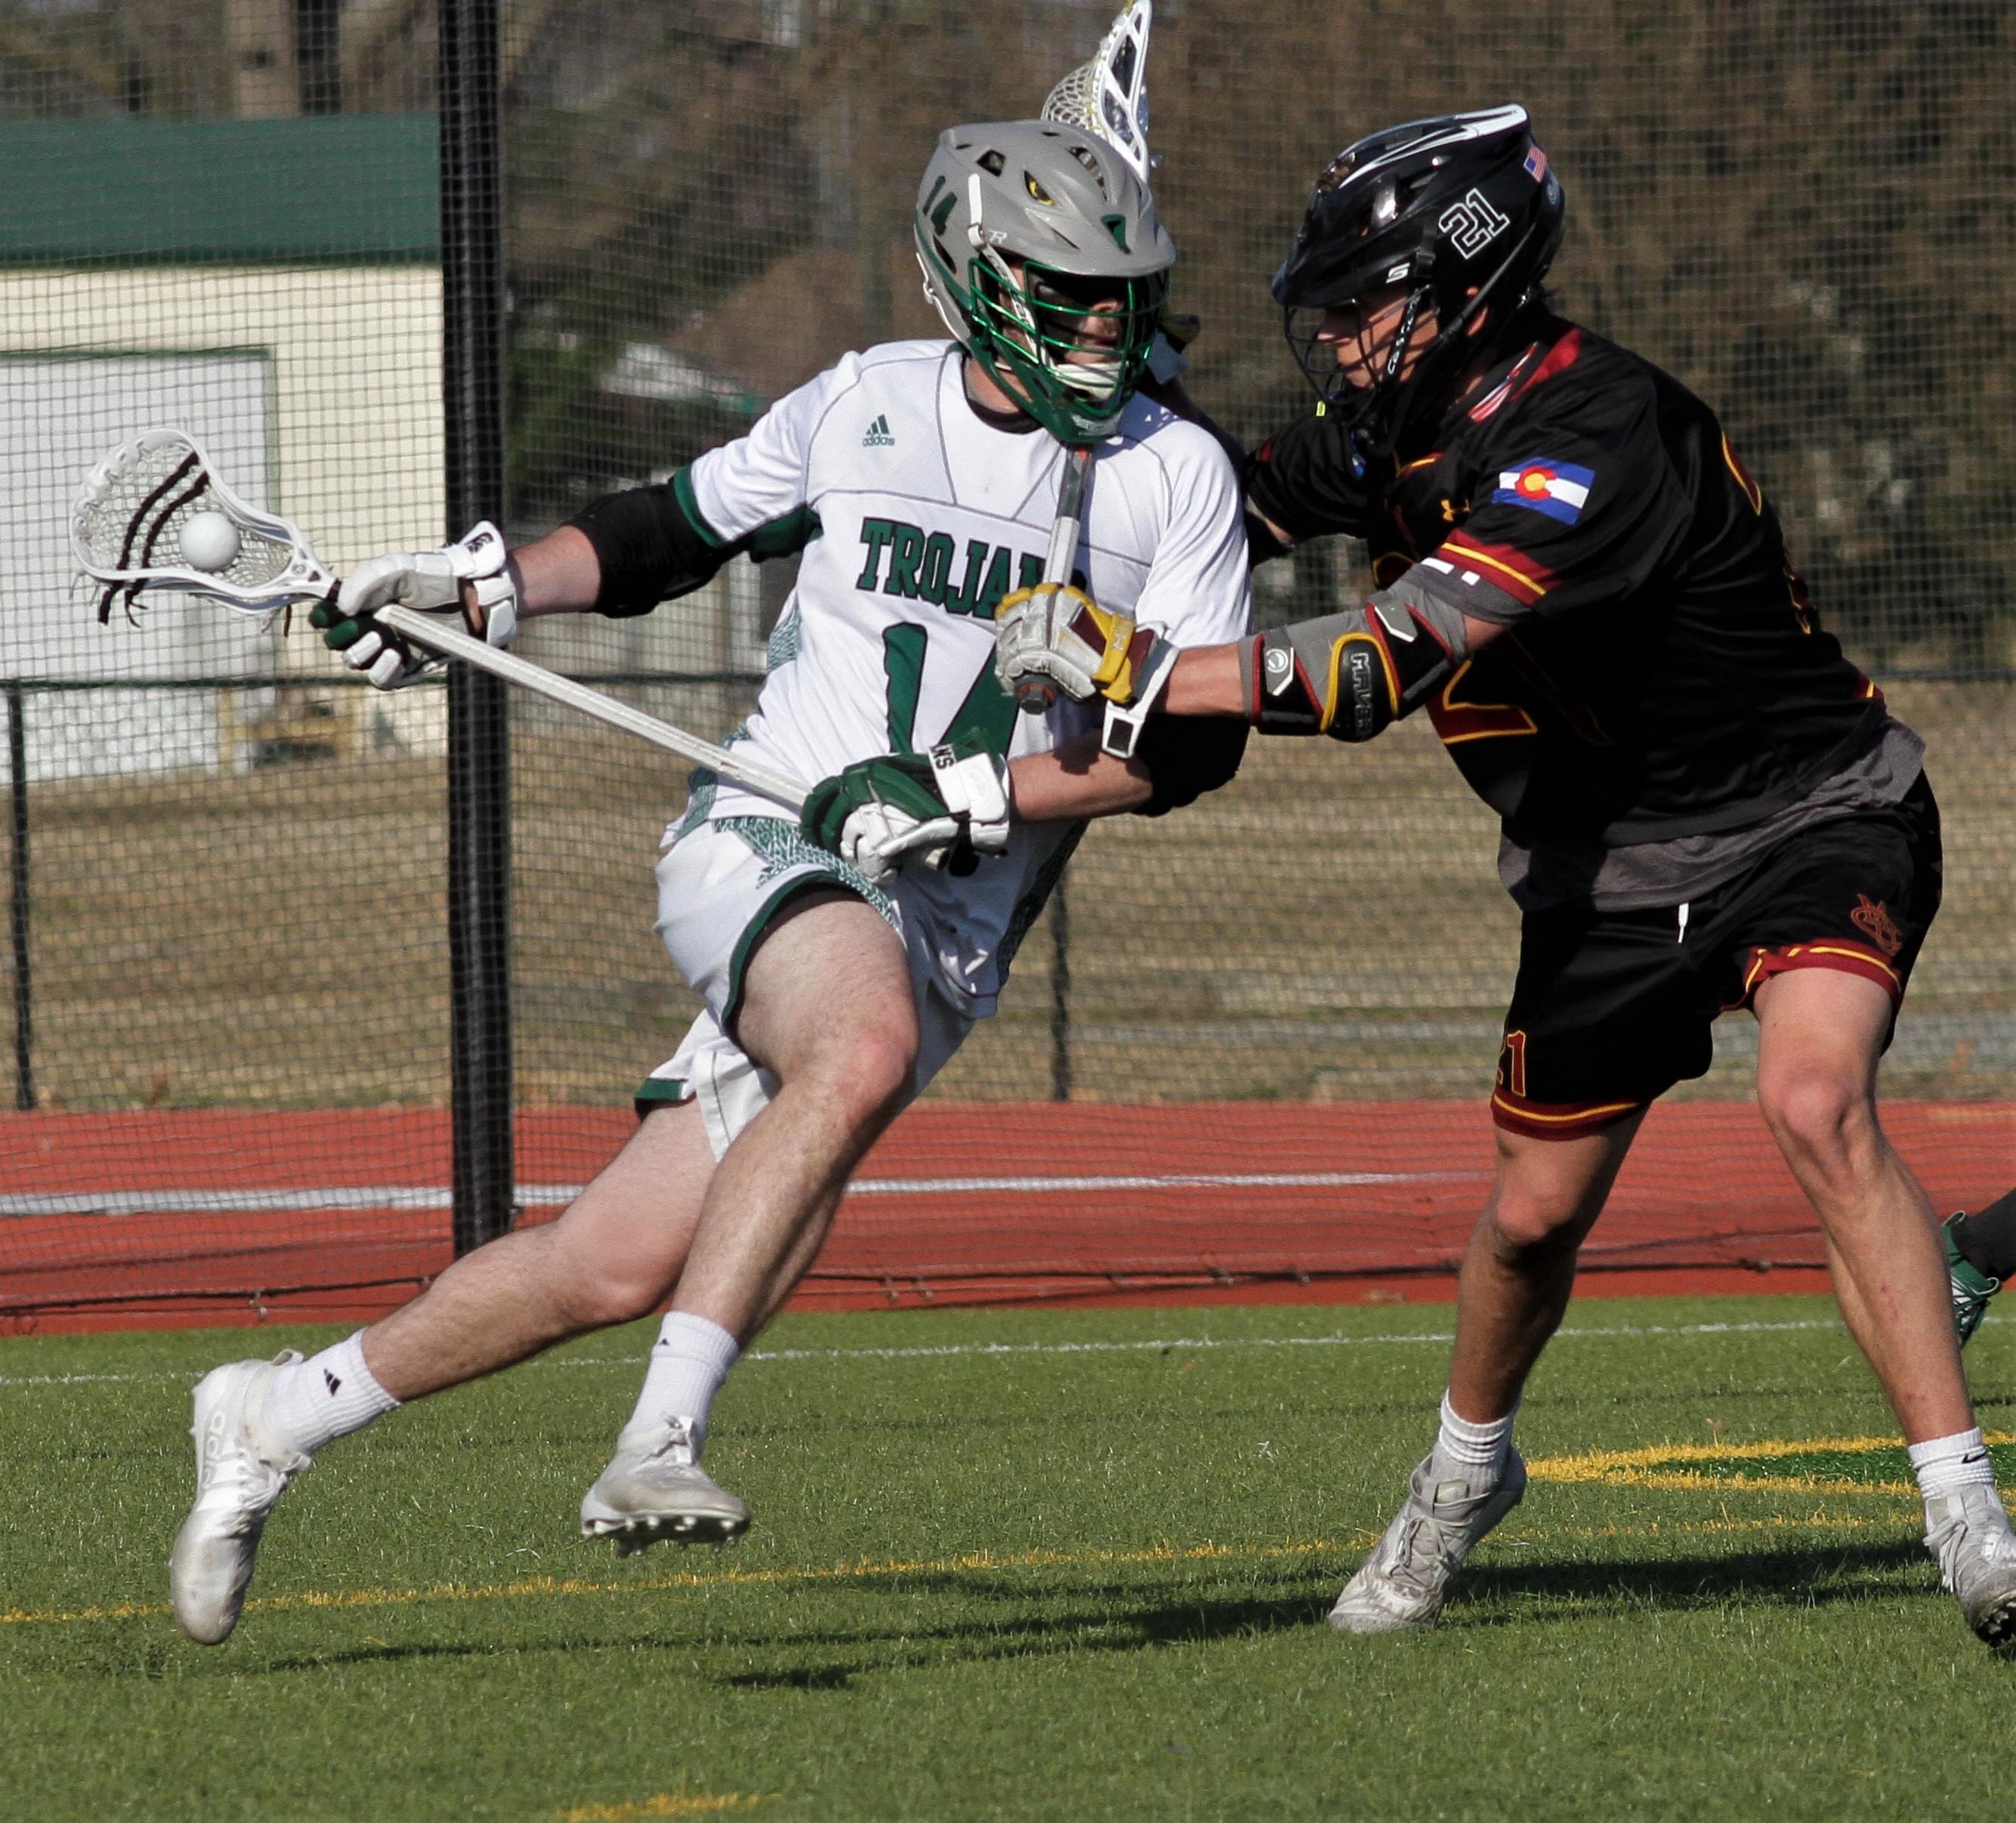 Men's Lacrosse: UMO Defeats Colorado Mesa University In OT (PHOTO GALLERY)